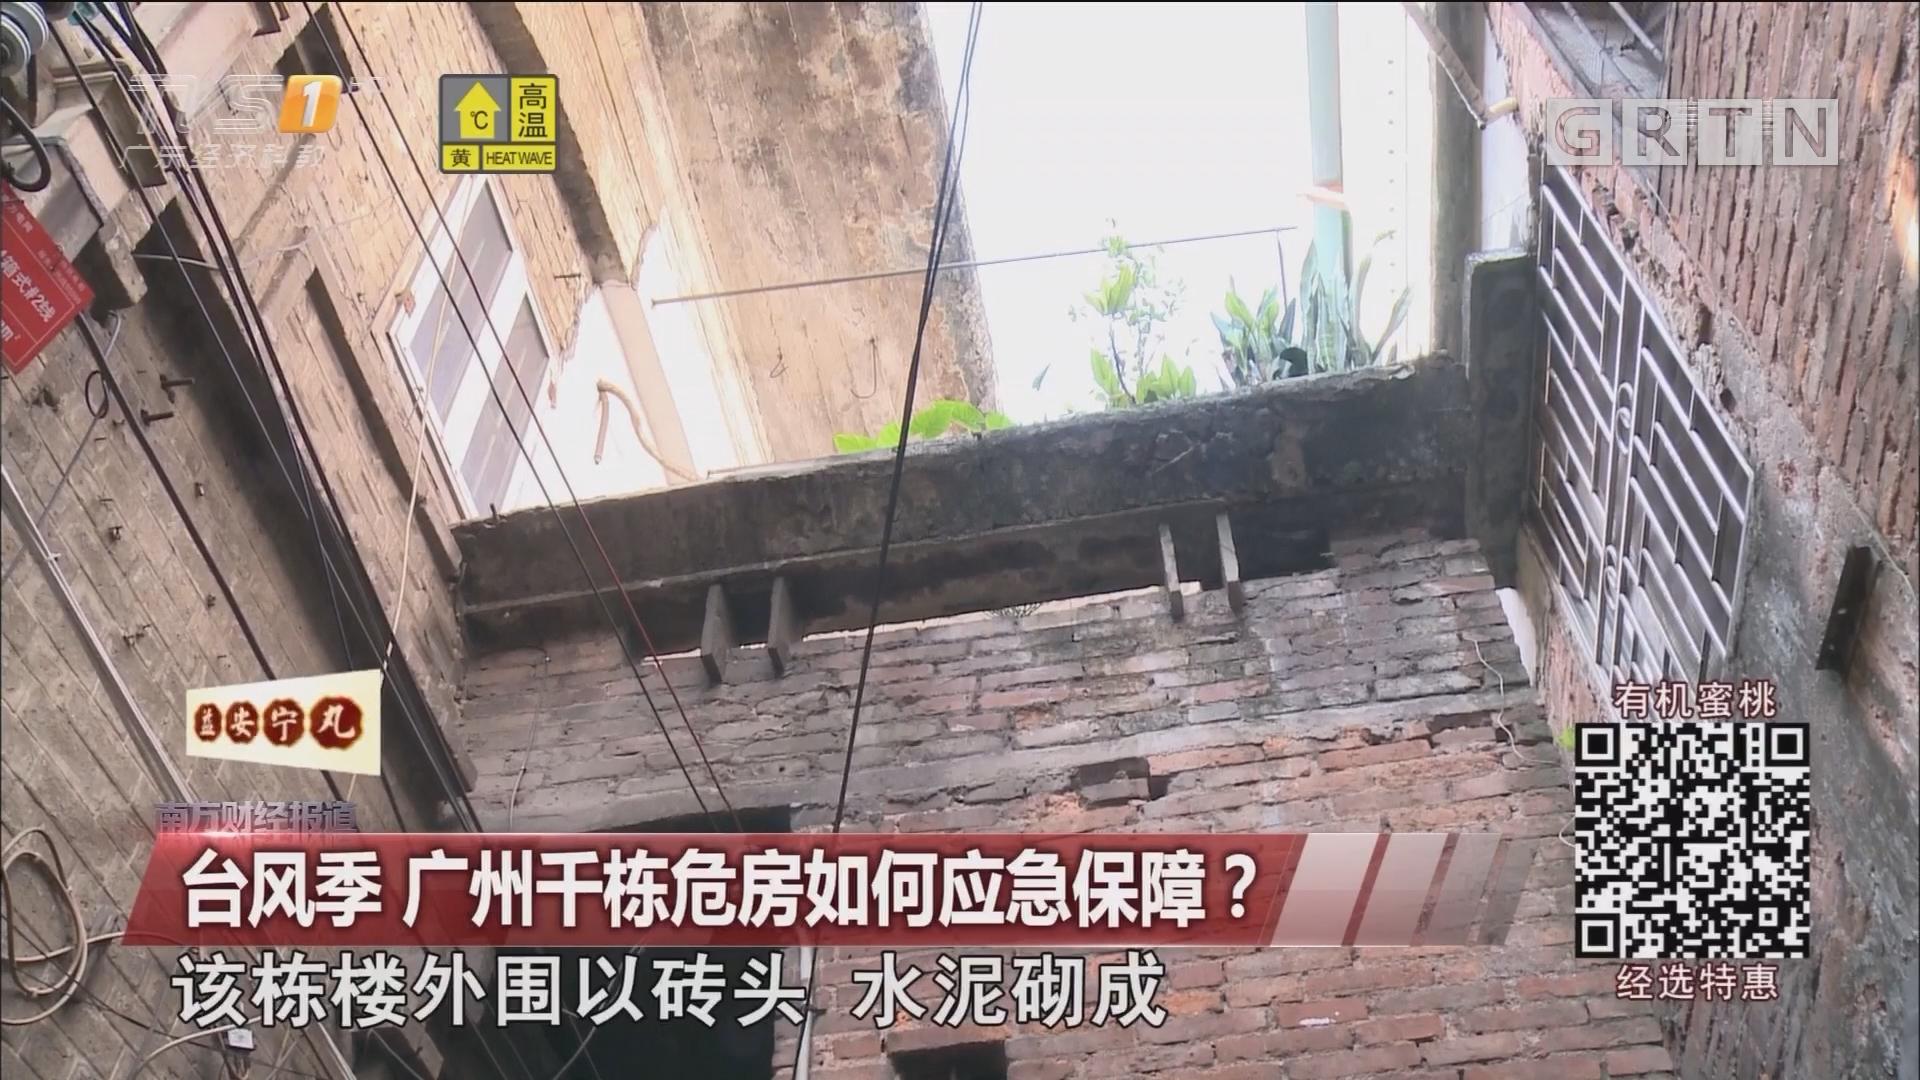 台风季 广州千栋危房如何应急保障?